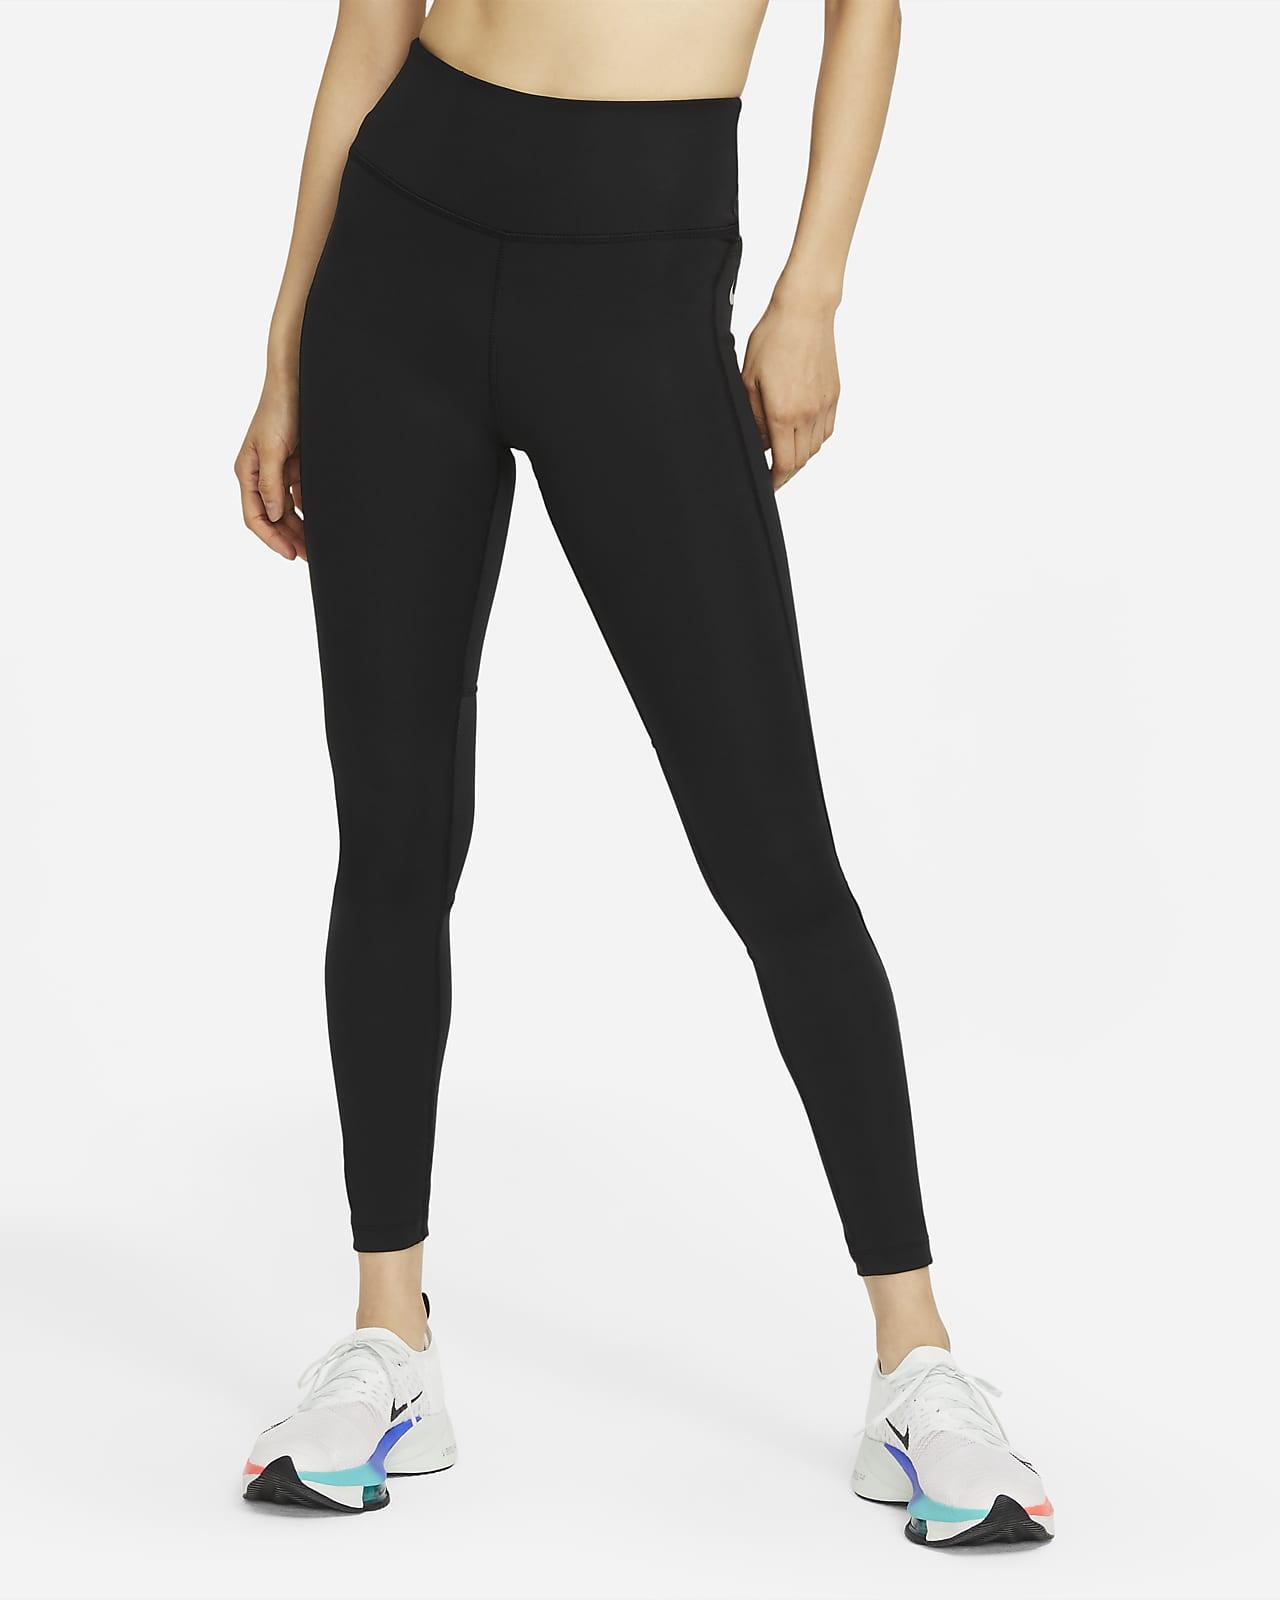 Nike Epic Fast Normal Belli Kadın Koşu Taytı